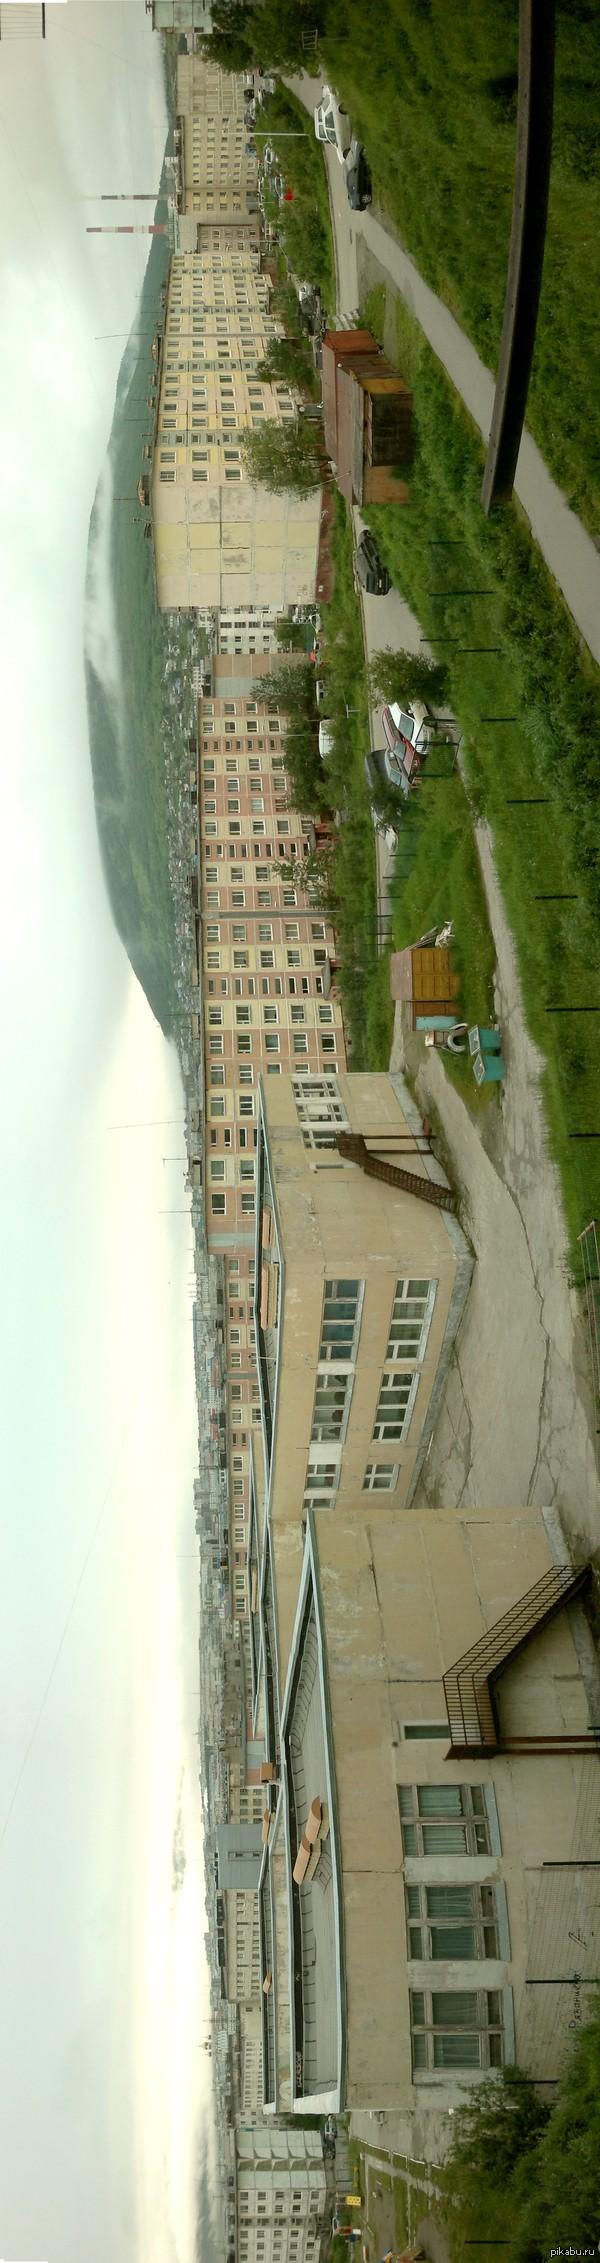 Панорама Магадана с улицы Колымской. летний  отпуск на Охотском море. Внутри горизонтальная фотка